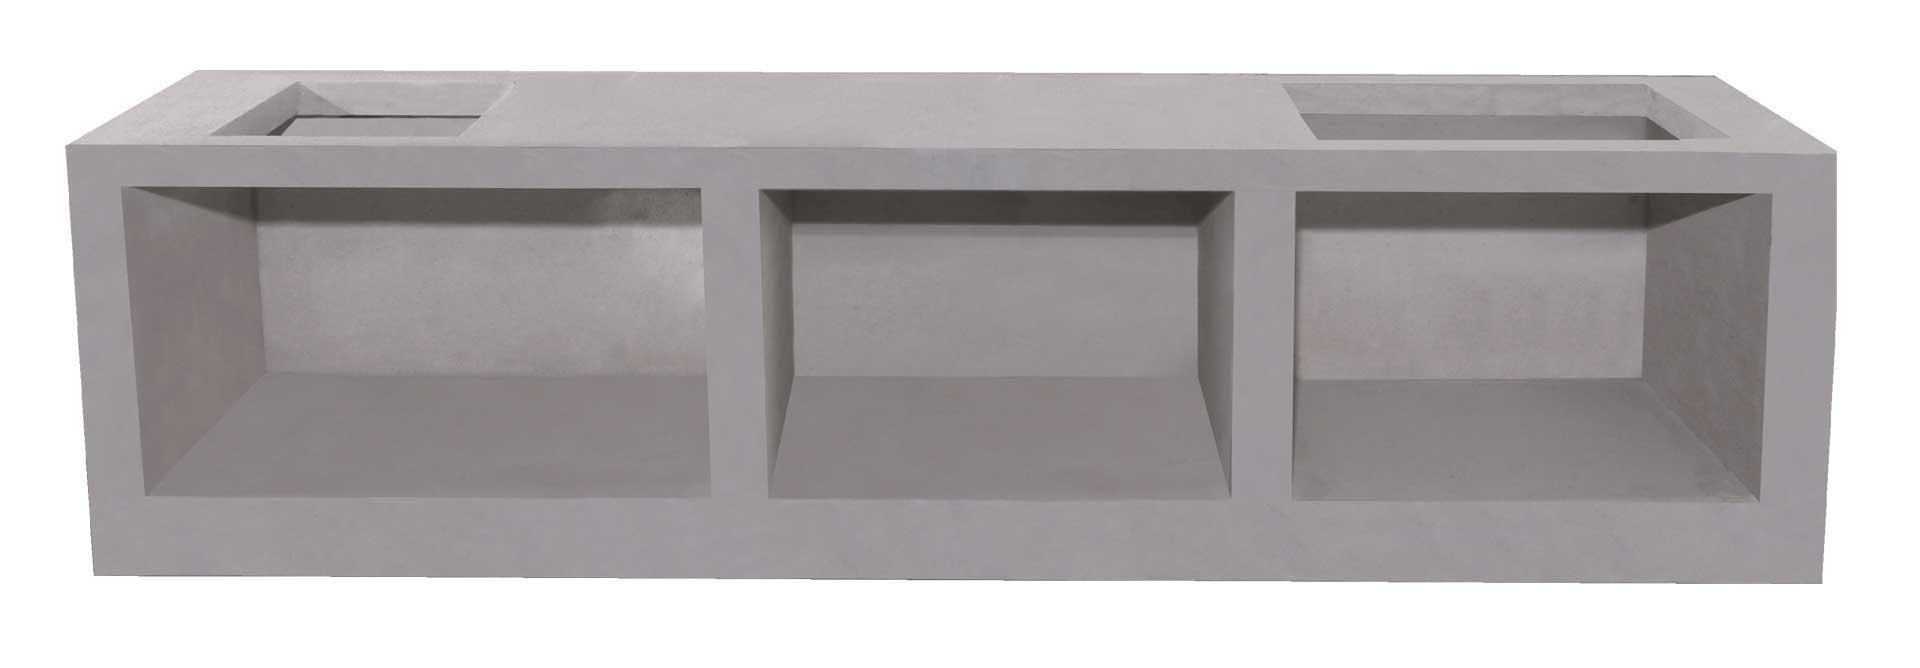 เคาน์เตอร์ Q-CON ส่วนโต๊ะ ขนาด 56x90.5x7.5 ซม. 2